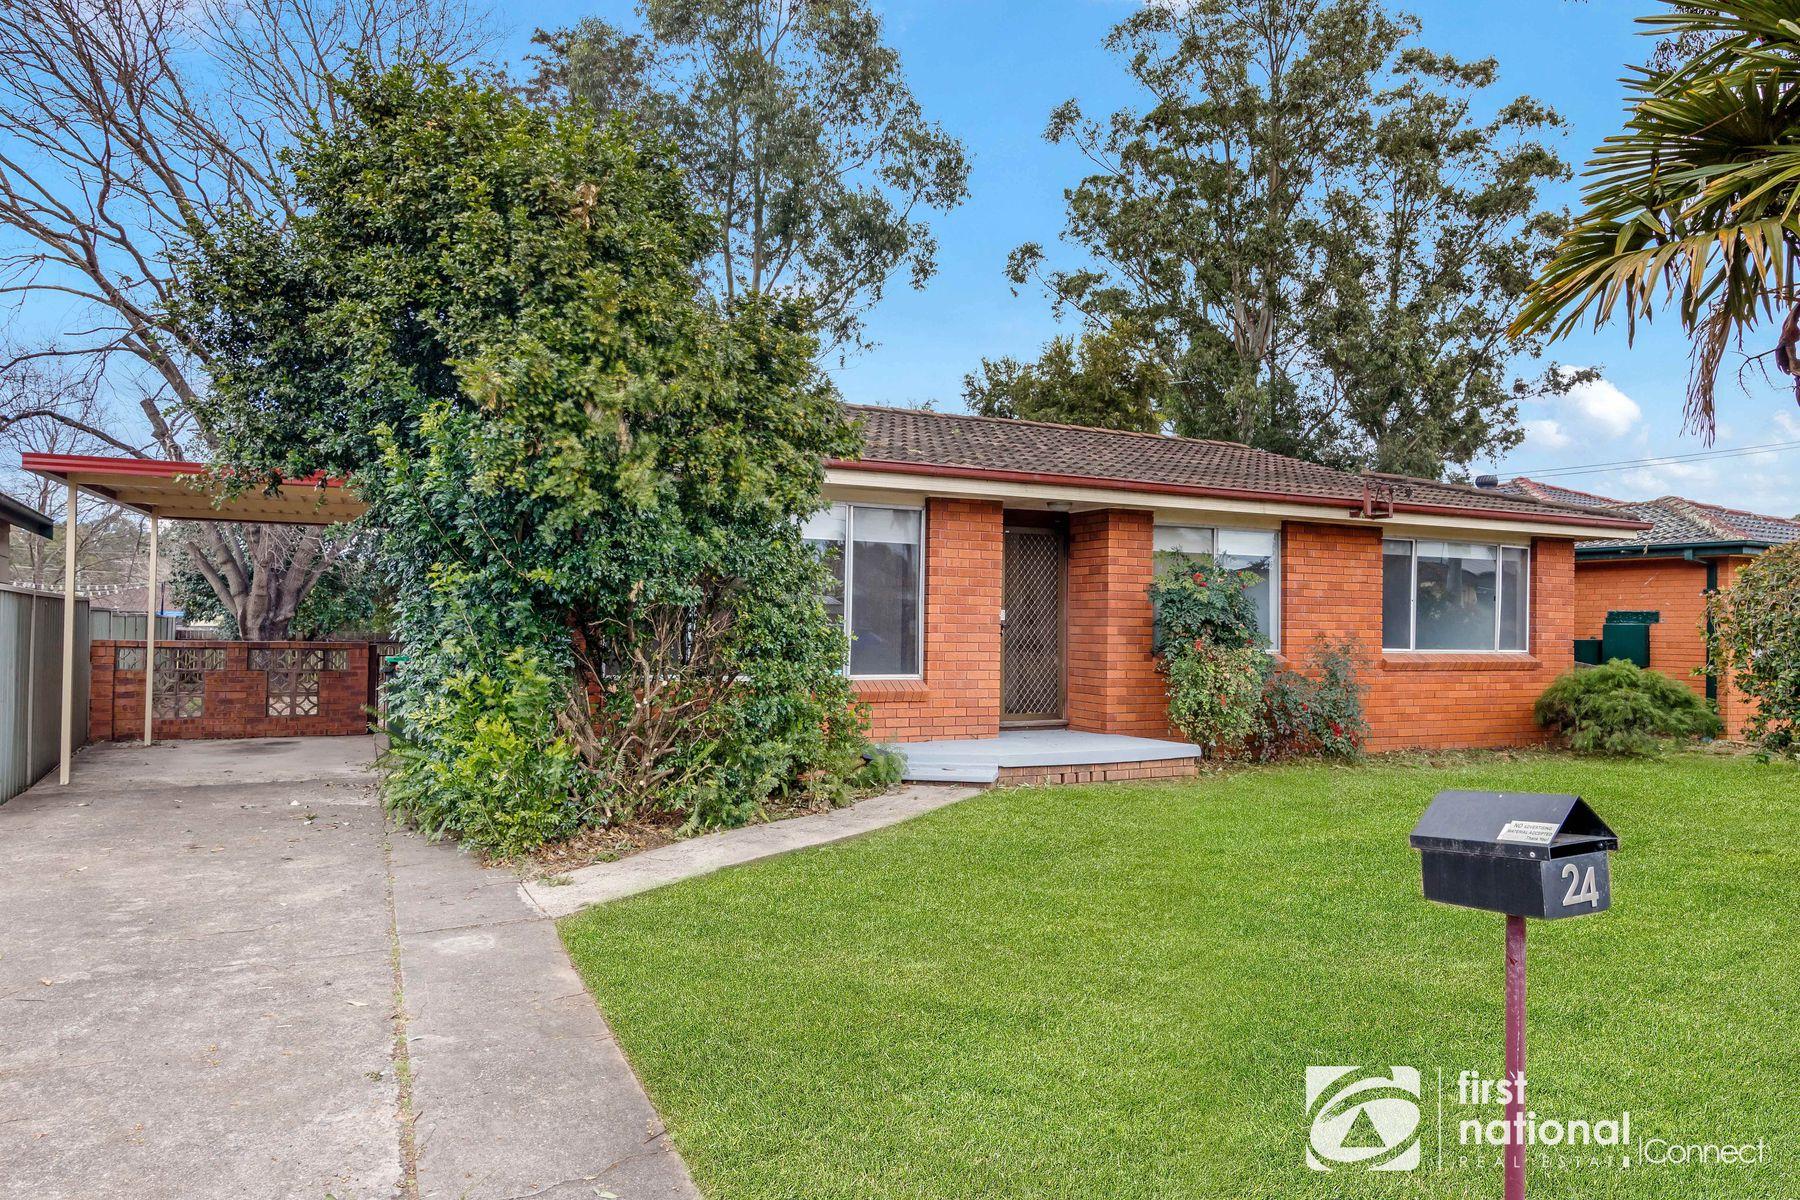 24 Thompson Avenue, Hobartville, NSW 2753